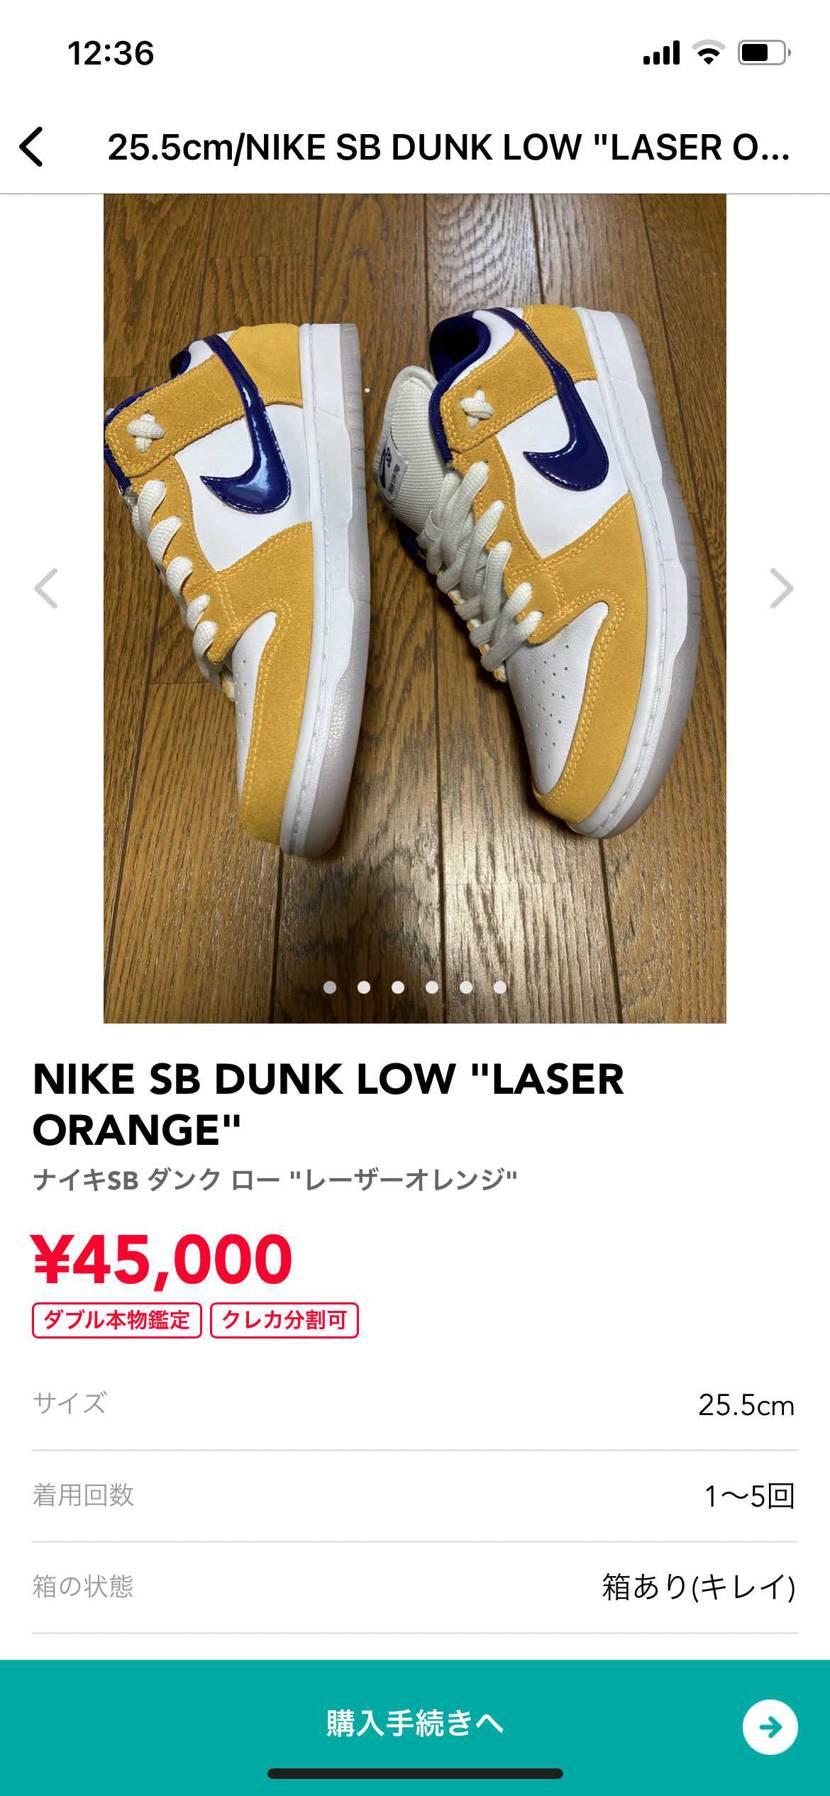 SB Dunk25.5 もう少し安く売ってくれる方がいらっしゃいますか?履きたい